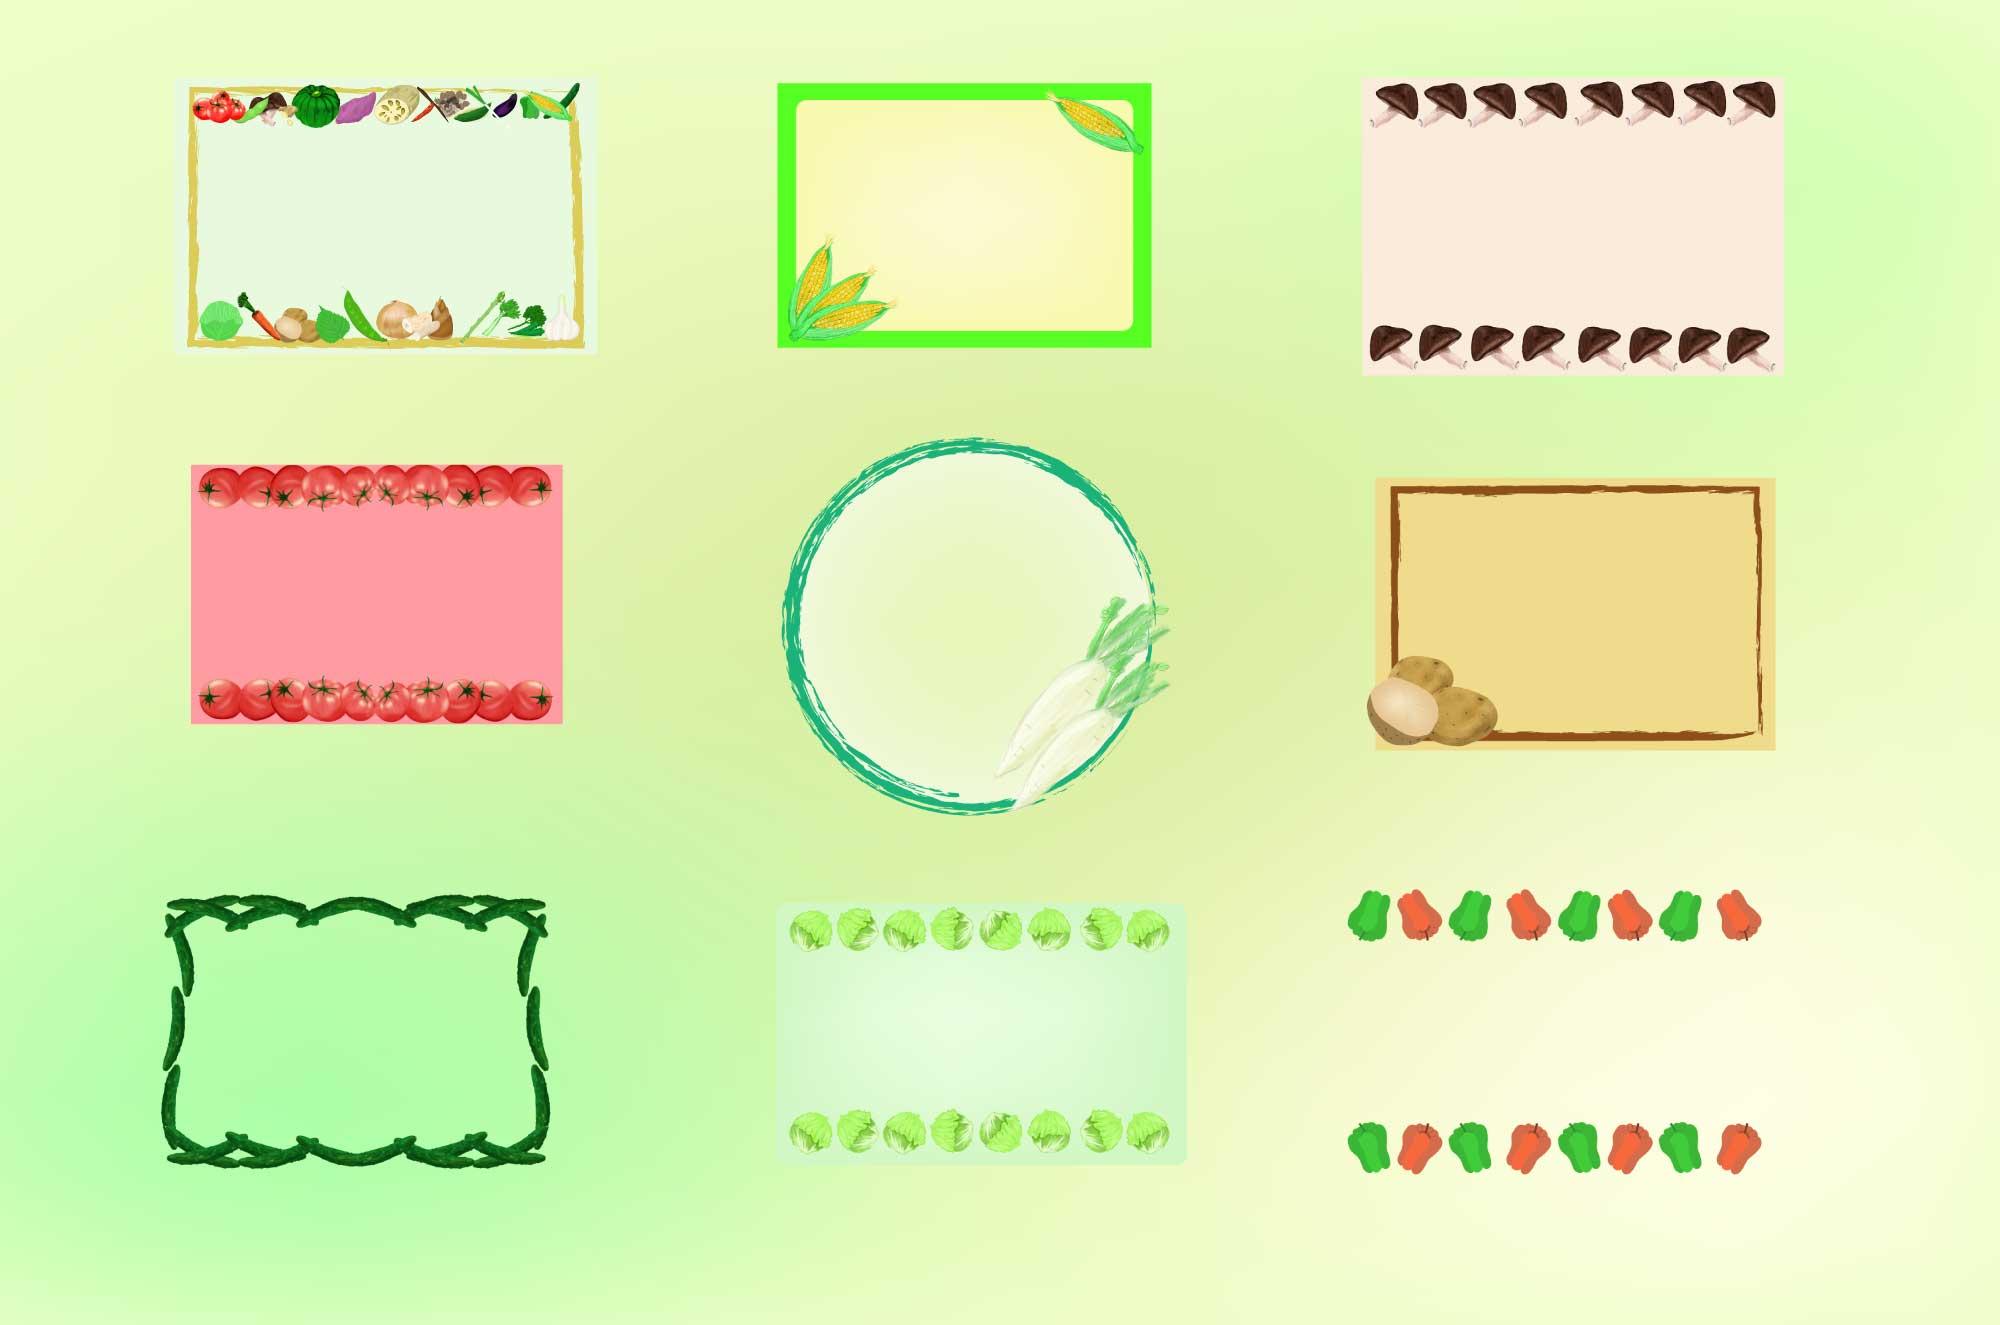 野菜のフレーム一覧 - 新鮮野菜デザインの枠のフリー素材